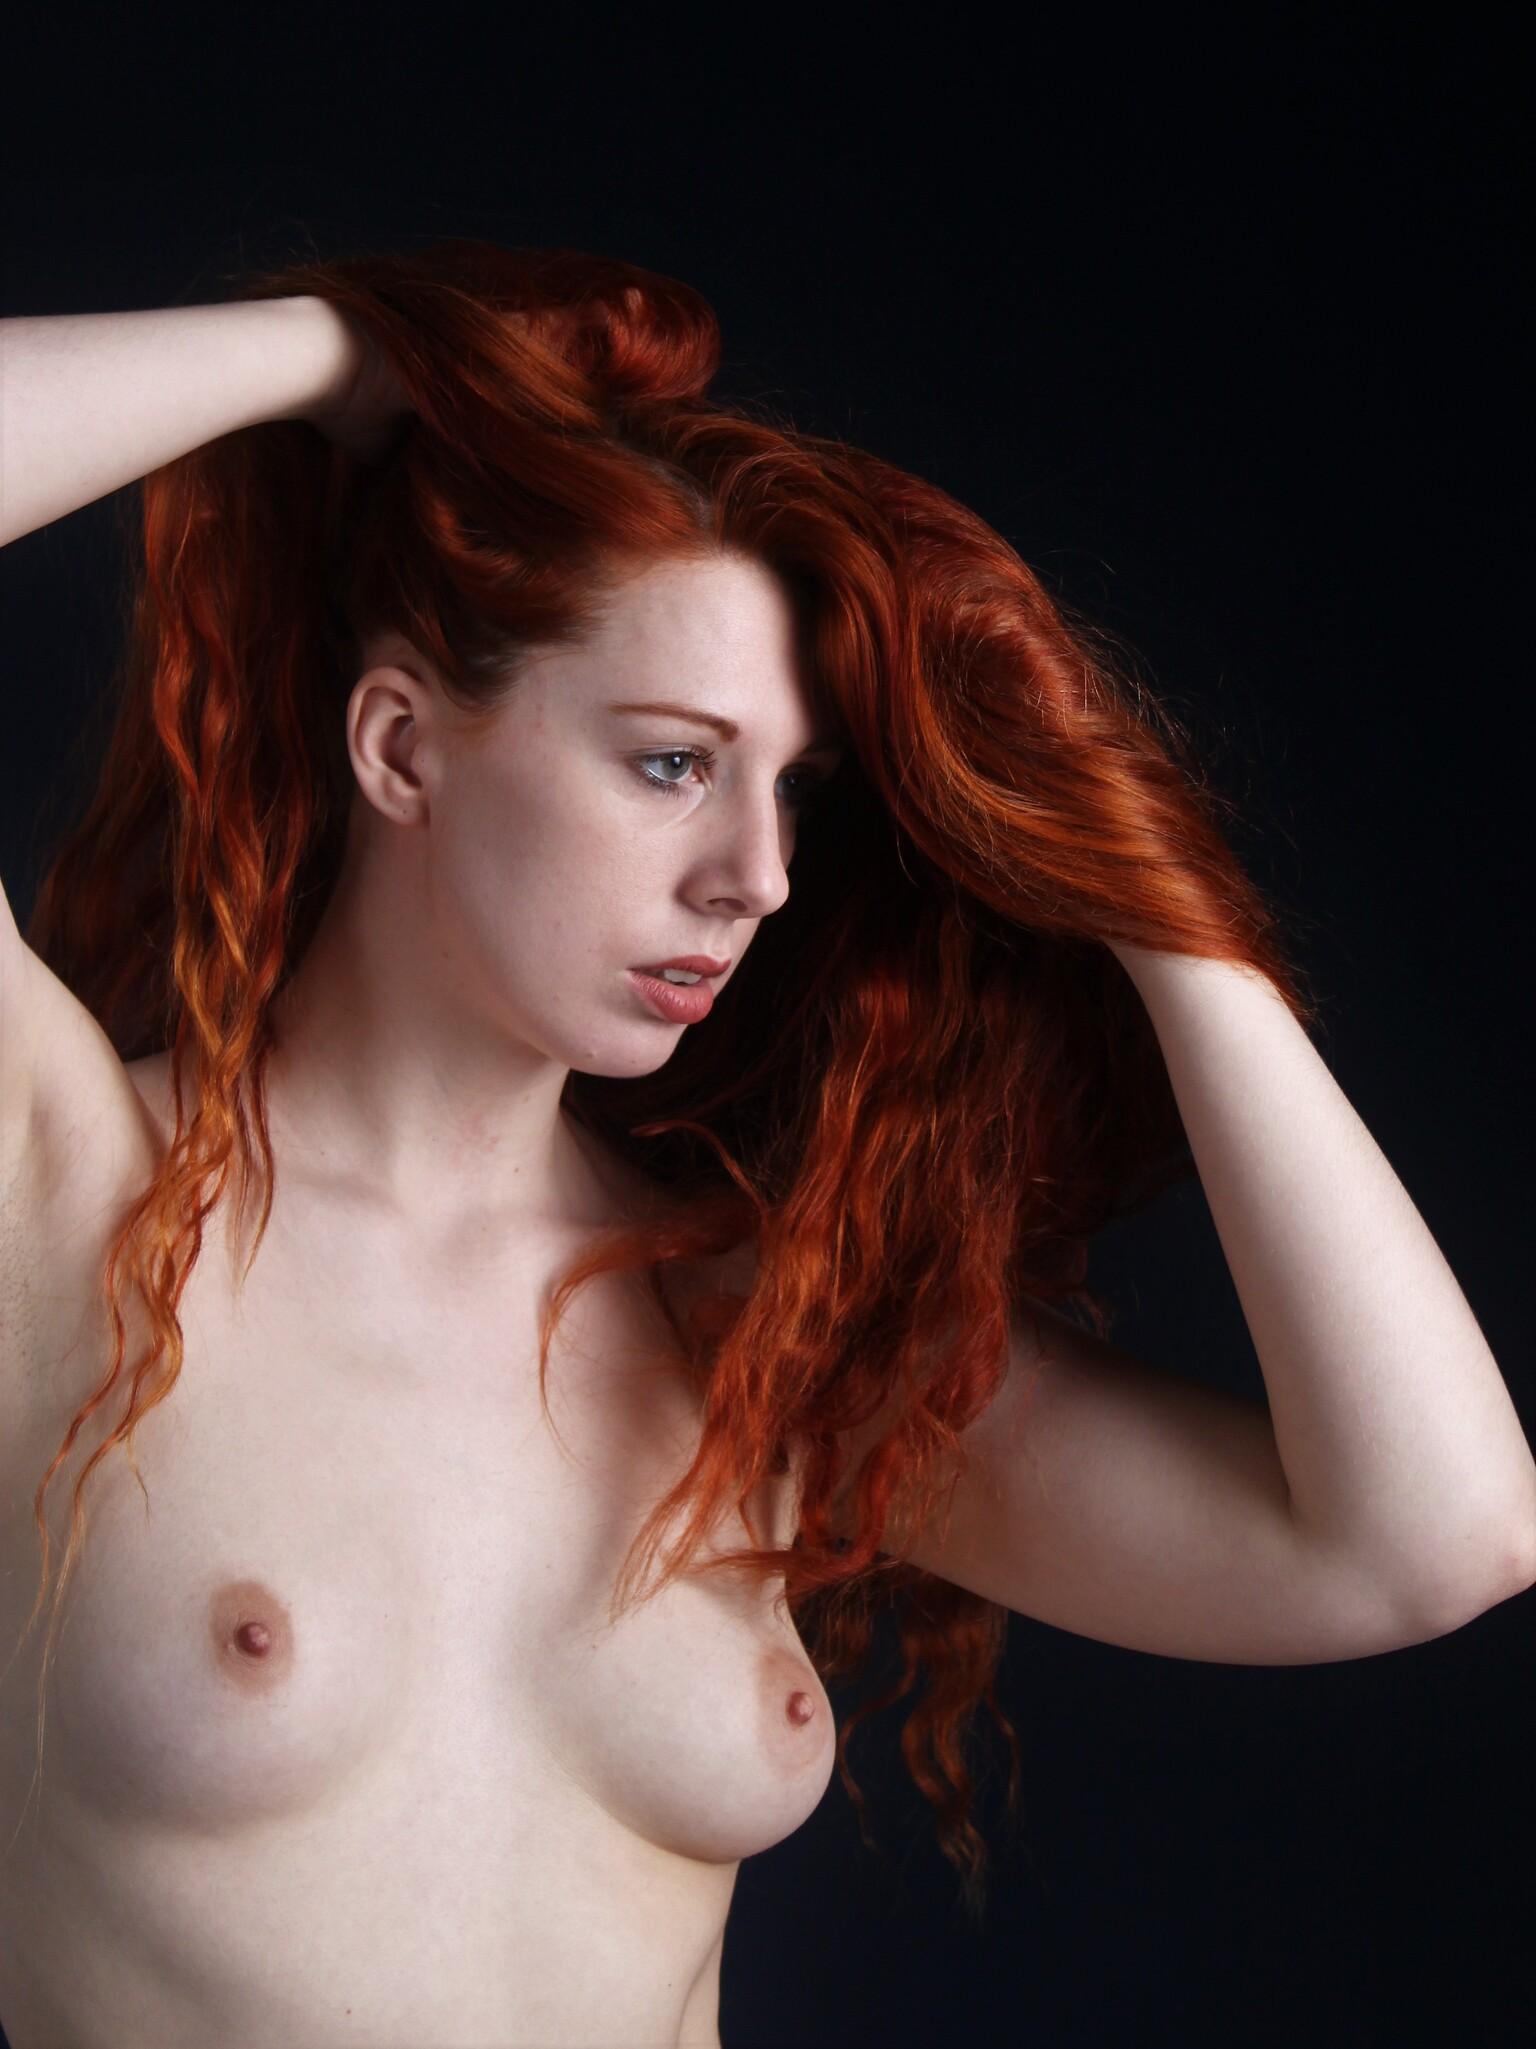 Angharada - Model: Angharada - foto door MathieuMagne op 13-04-2021 - deze foto bevat: topless, roodharige, model, studio, vrouw, gezamenlijk, huid, hoofd, lip, kin, kapsel, wenkbrauw, arm, schouder, wimper